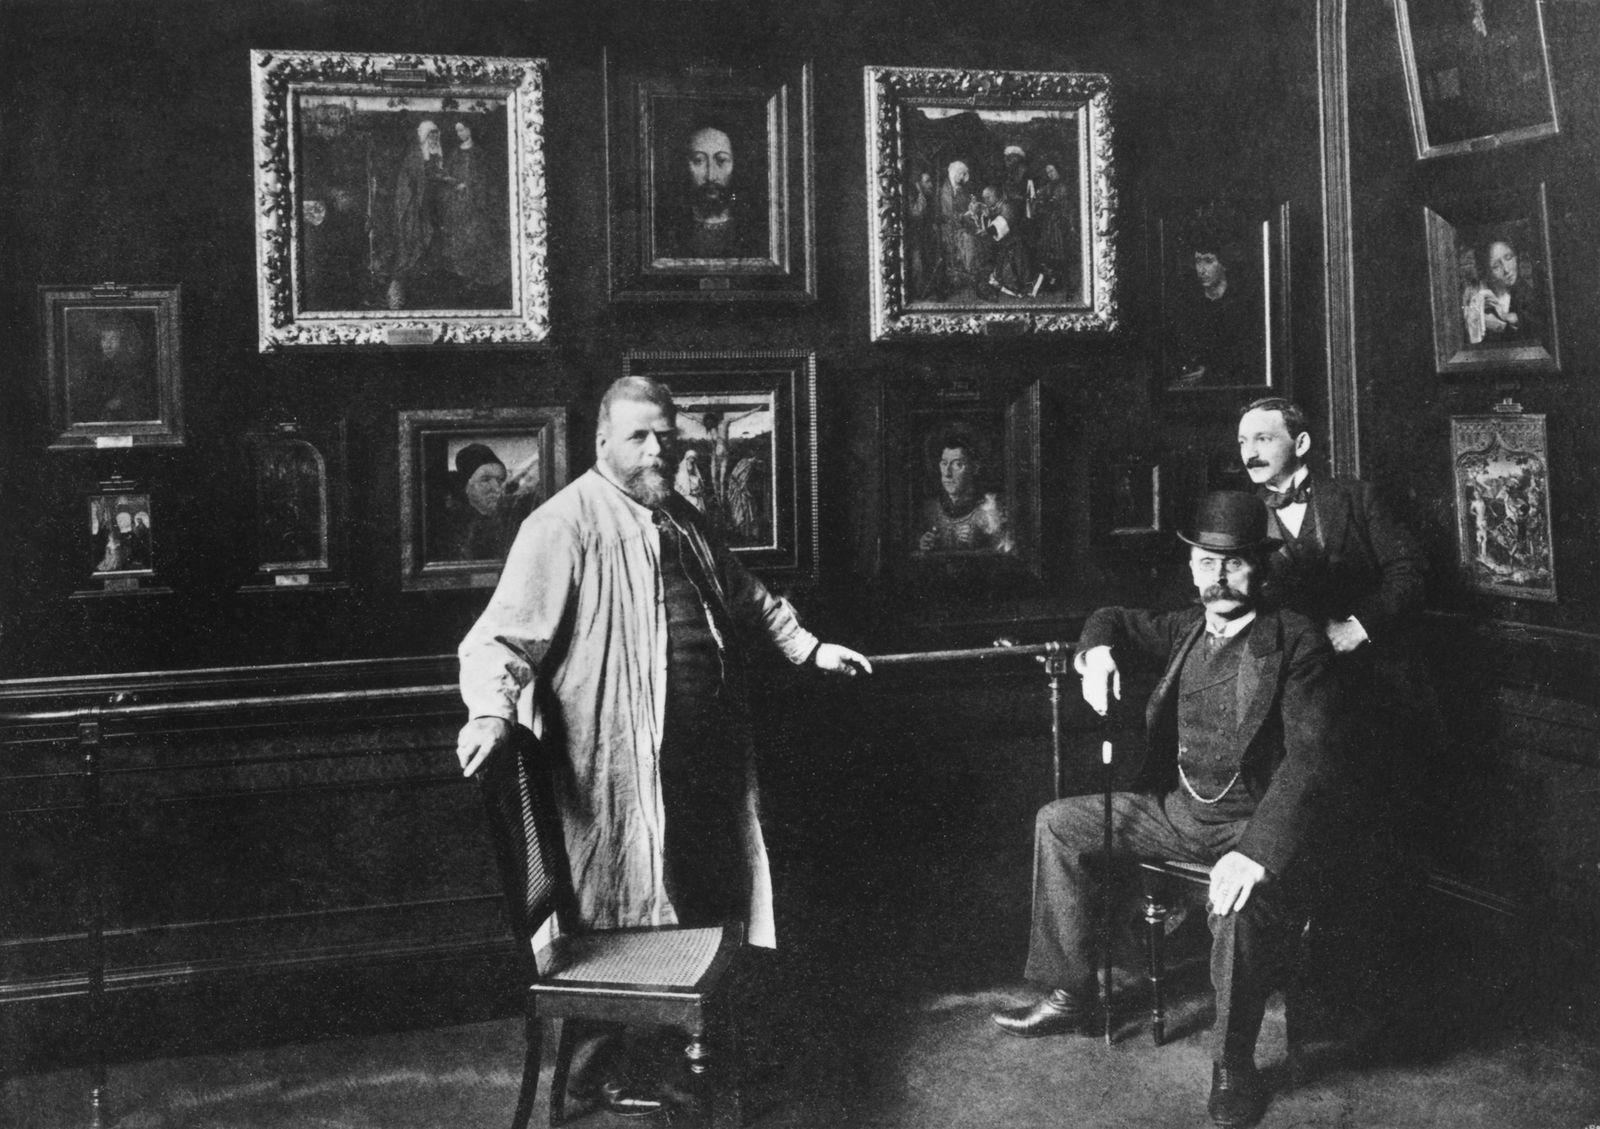 Wilhelm Bode (sitzend) mit Alois Hauser (links) und Max Friedländer in der Galerie im Kaiser-Friedrich-Museum (um 1900). Copyright: bpk / Zentralarchiv, Staatliche Museen zu Berlin